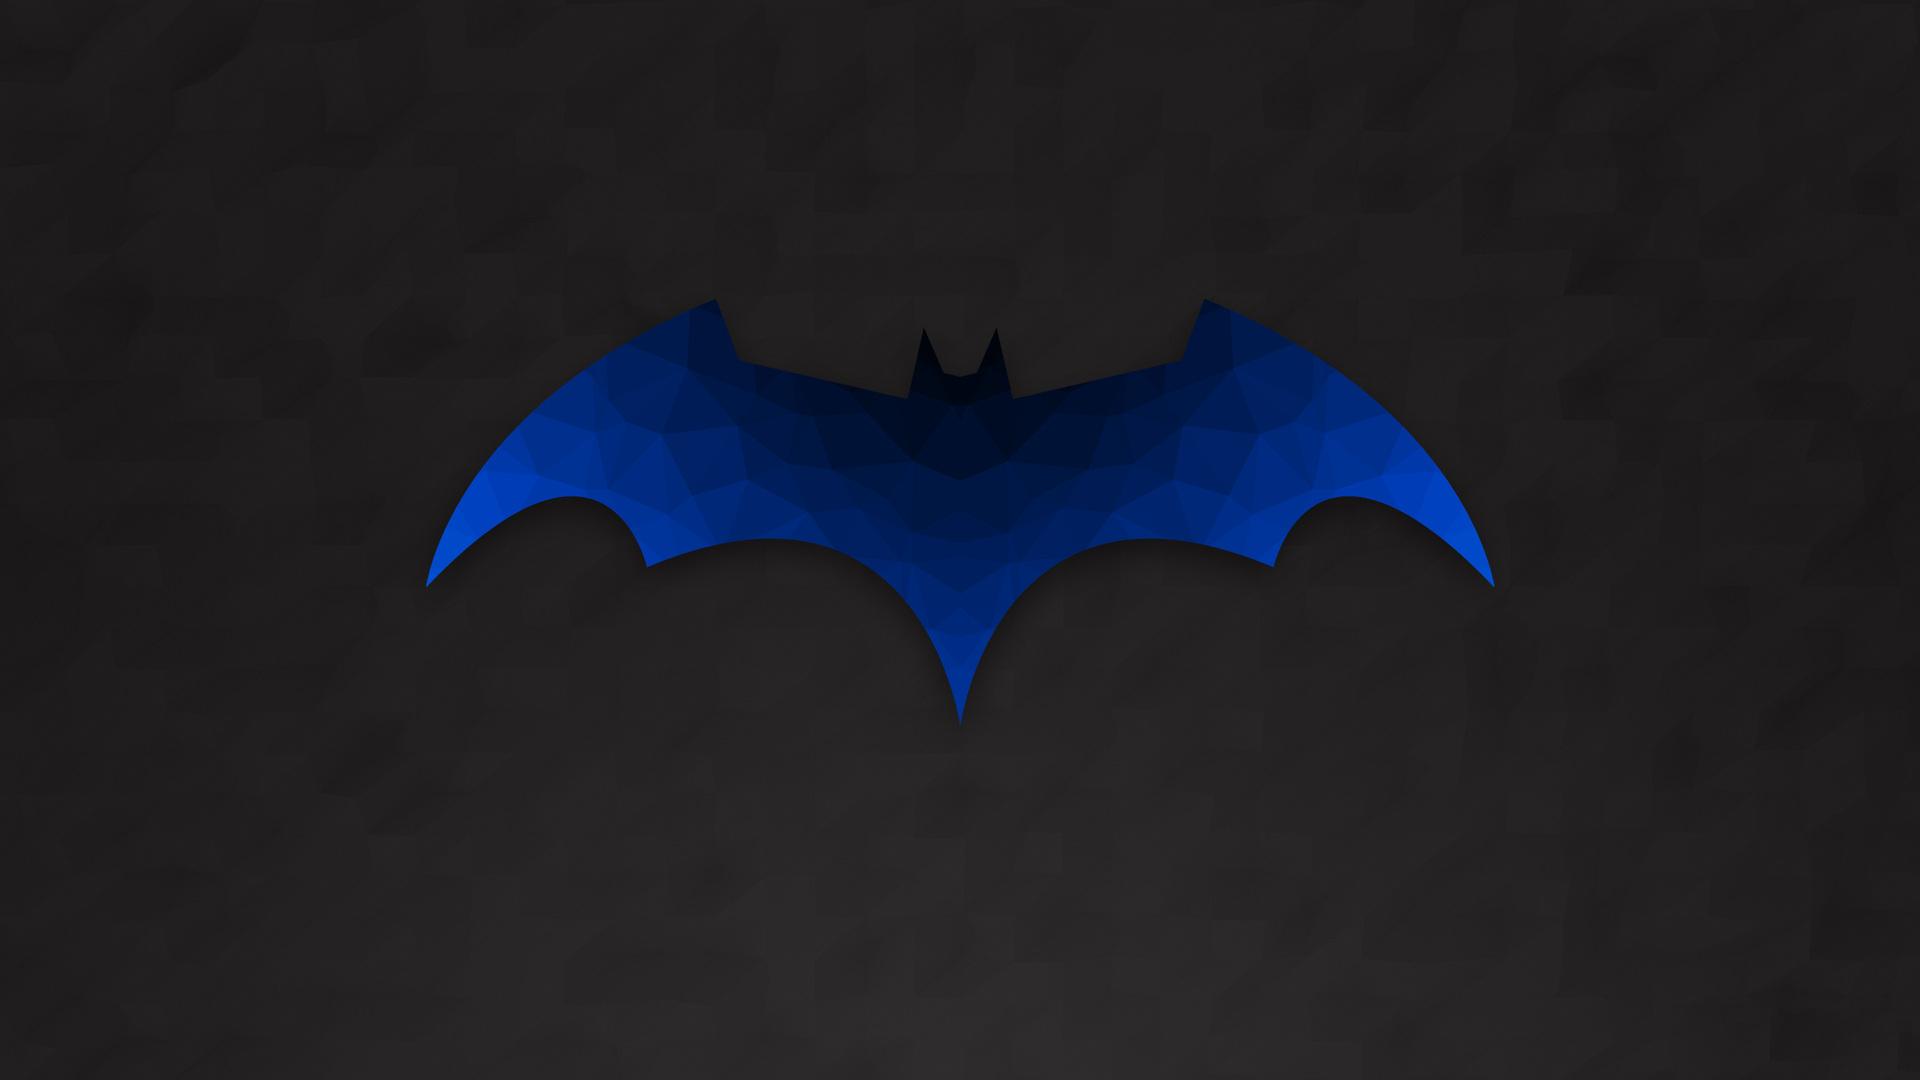 1920x1080 Low Polygon Batman Logo Laptop Full HD 1080P HD ...